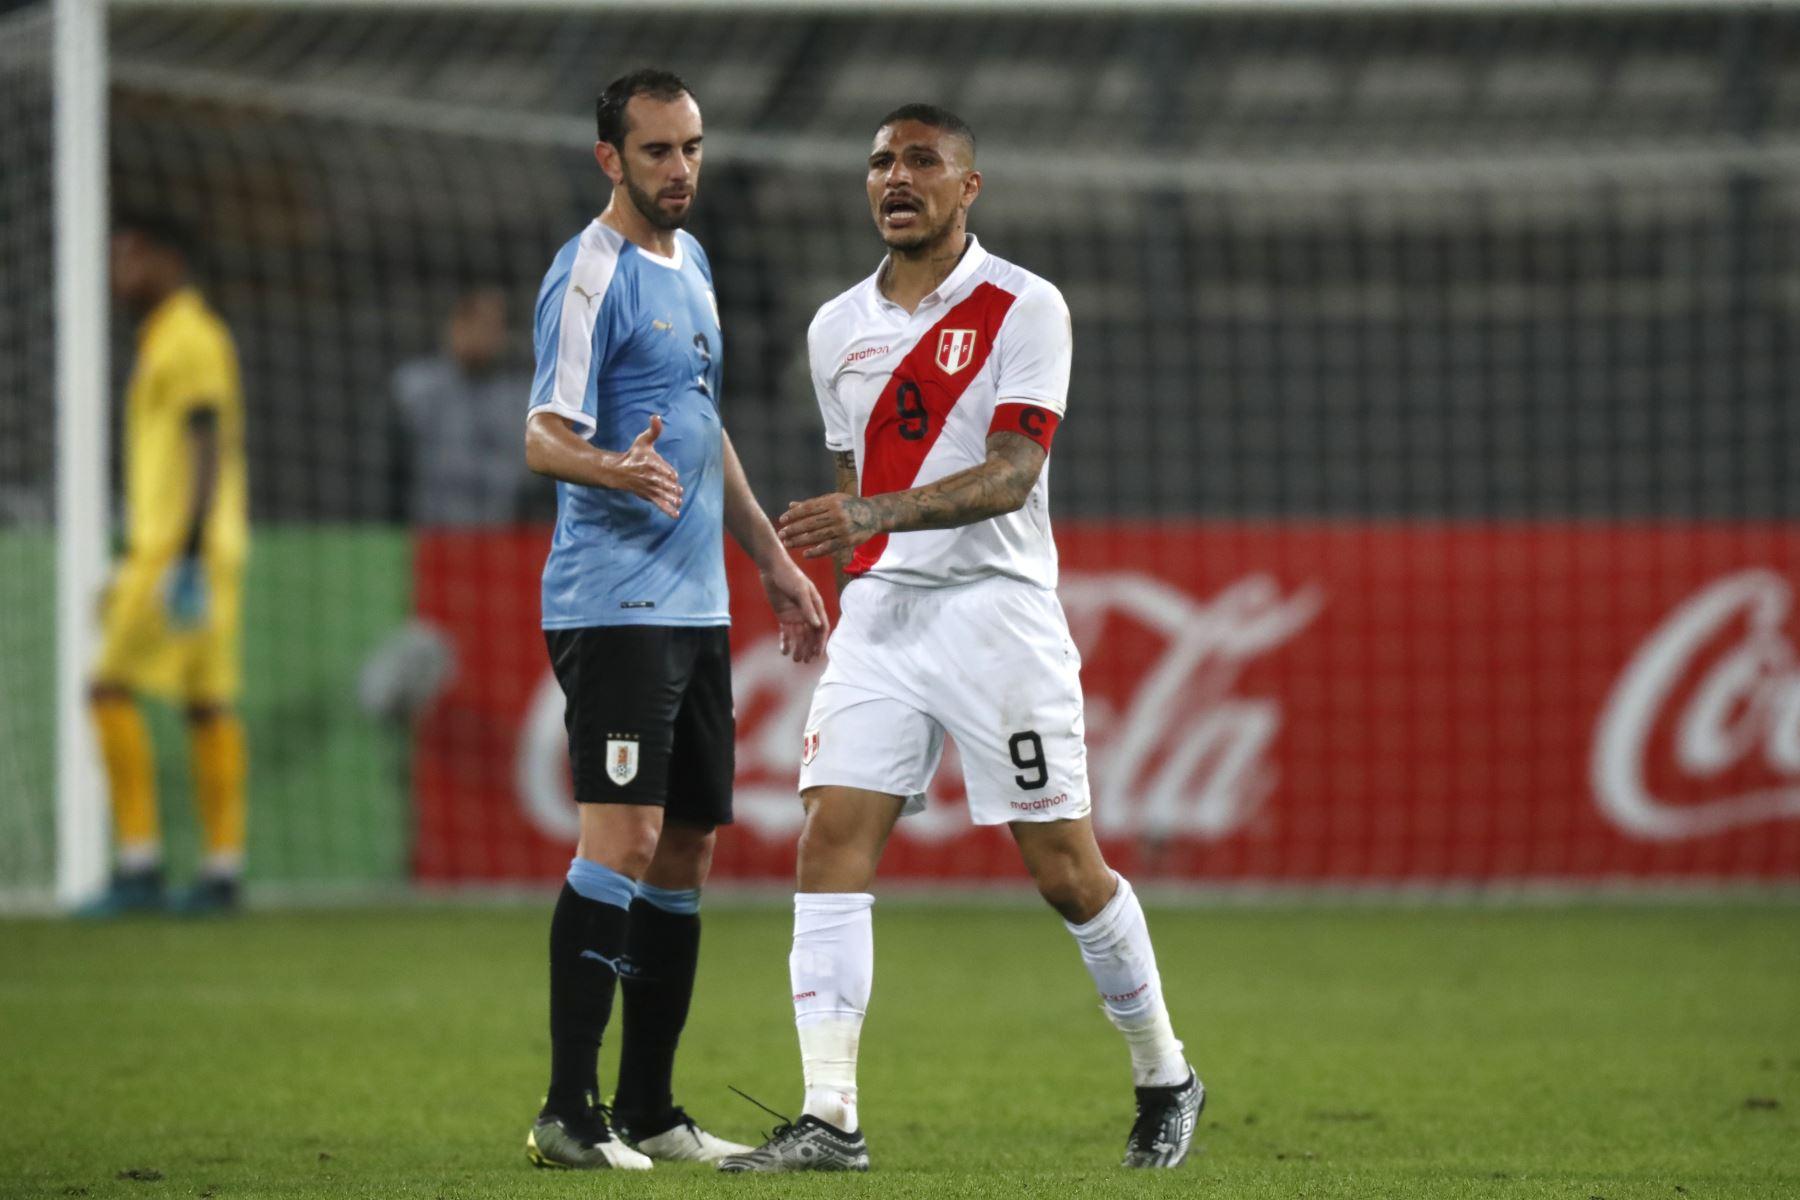 Paolo Guerrero de Perú y Diego Godin de Uruguay durante el partido amistoso en el que Perú empató 1-1, Estadio Nacional de Lima. Foto: ANDINA/ Carlos Lezama